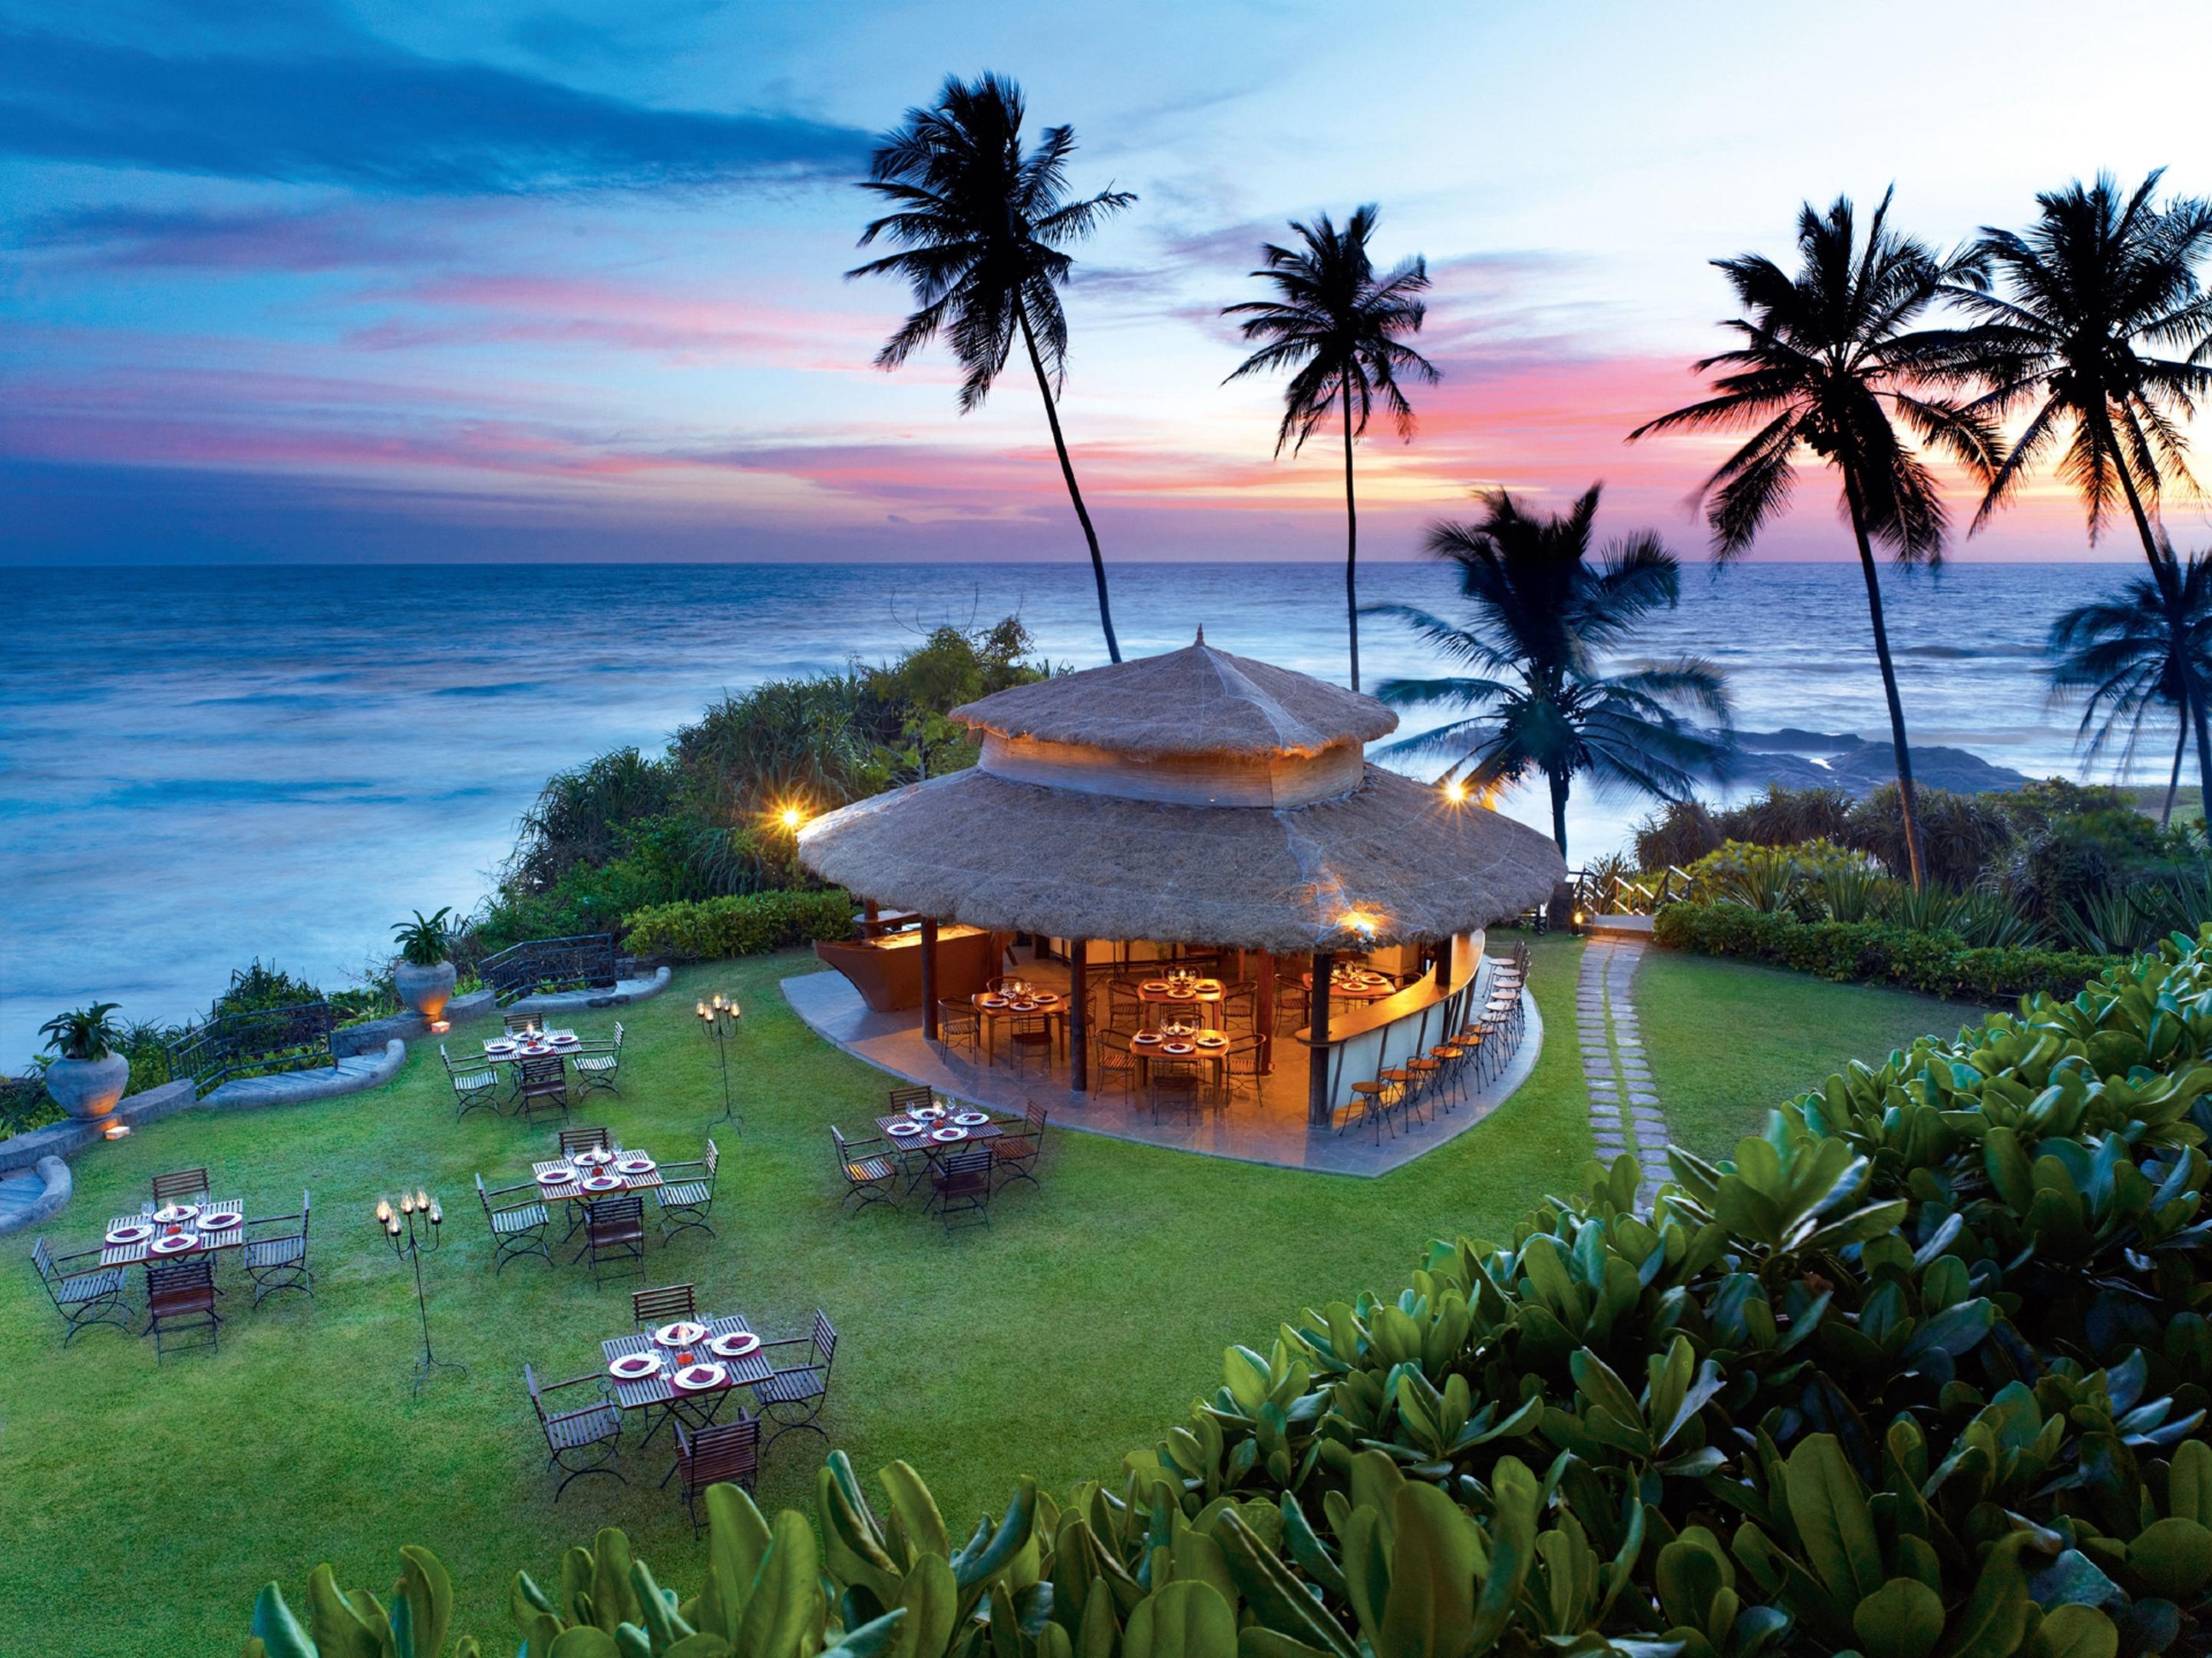 The Shack at Vivanta by Taj hotel in Bentota, Sri Lanka.